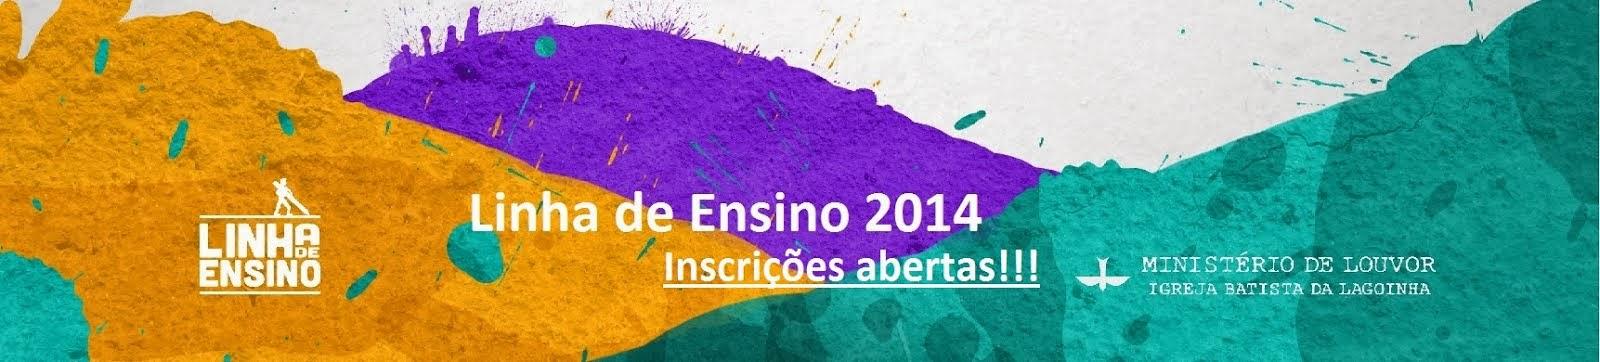 Linha de Ensino 2015.